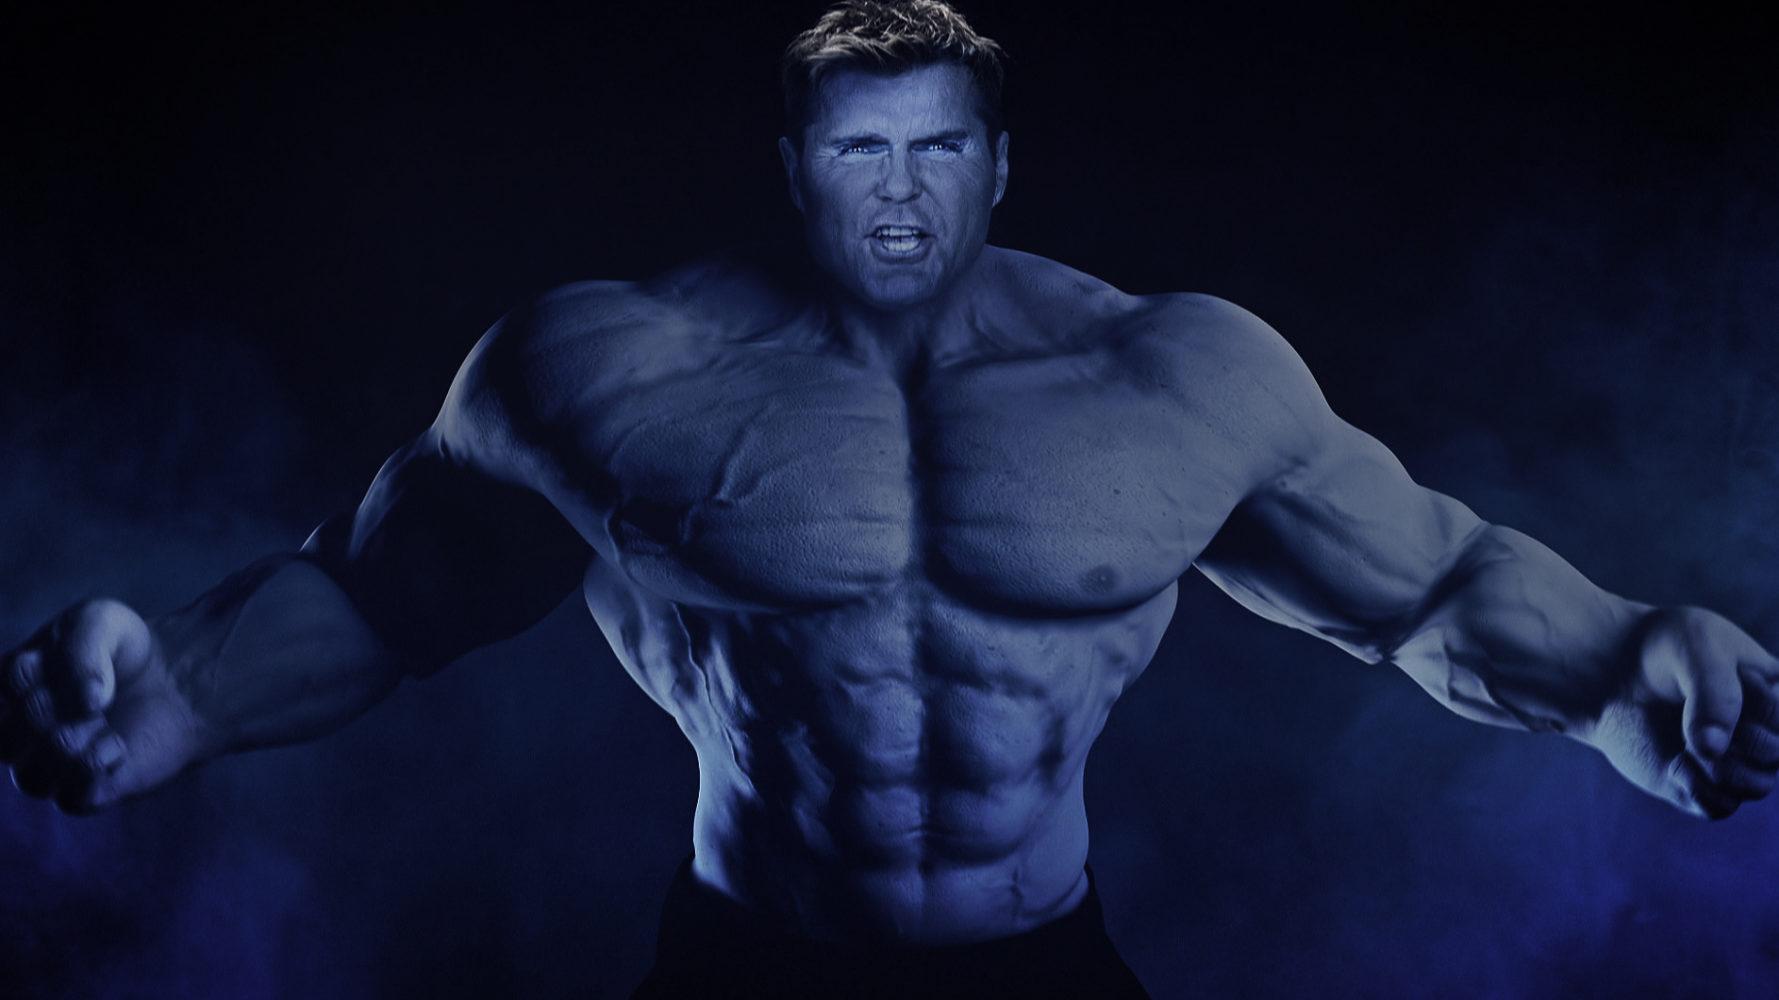 Bodybuilderin sucht